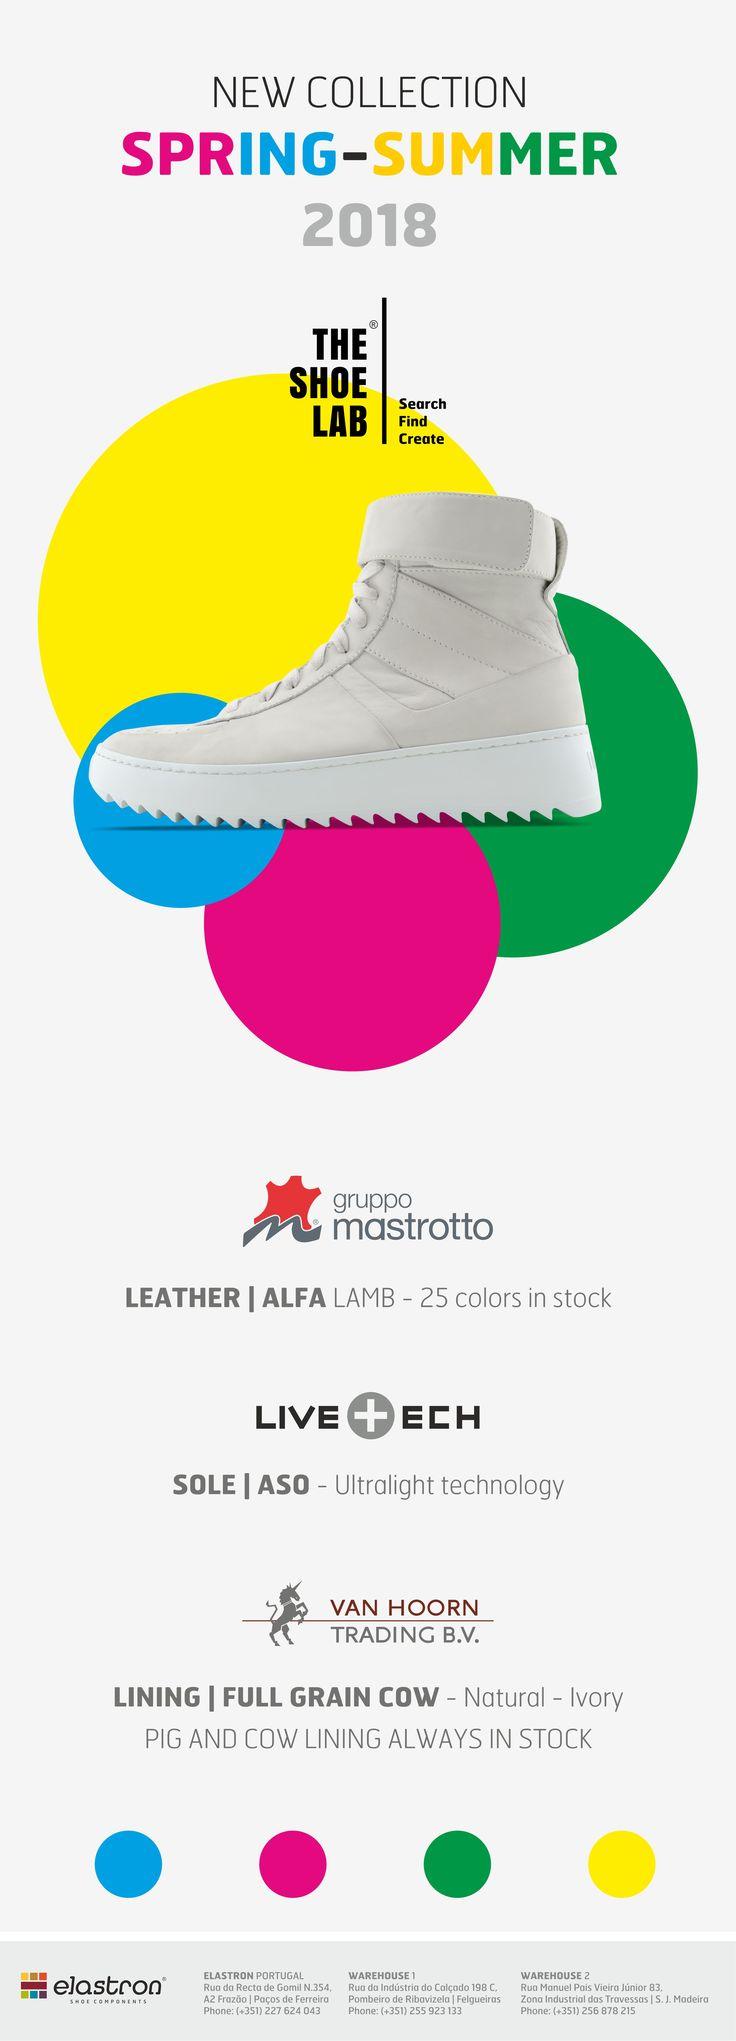 Chaussures De Sport Bas Barney Beige Clair / Bleu Ultramarine Lloyd zLGFeq2p6x